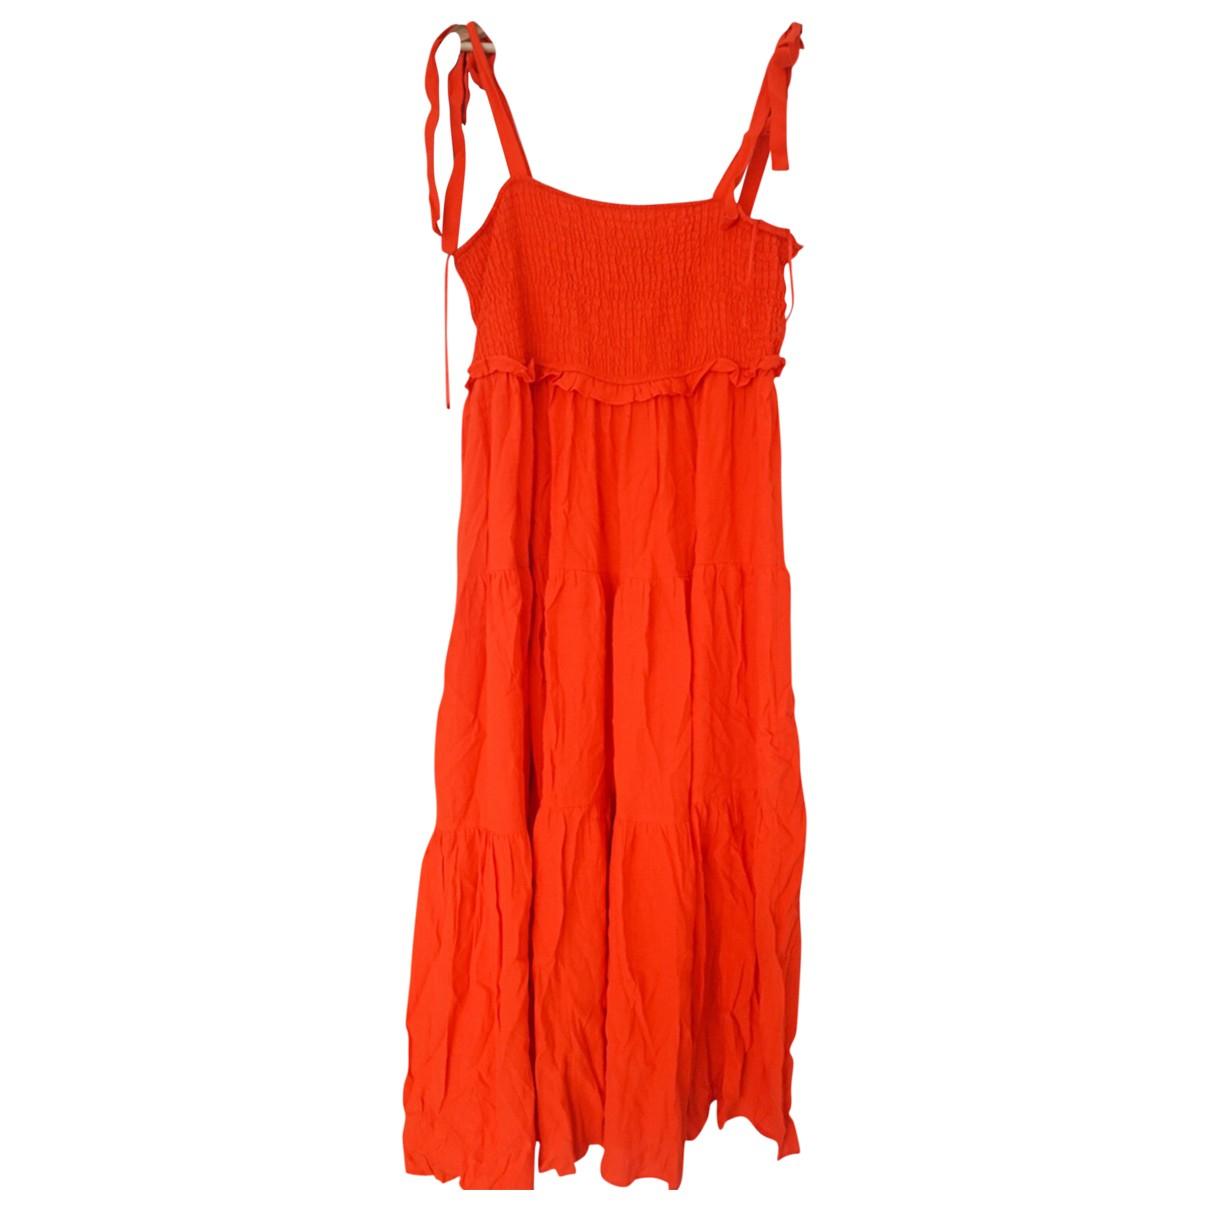 Zara \N Kleid in  Orange Viskose